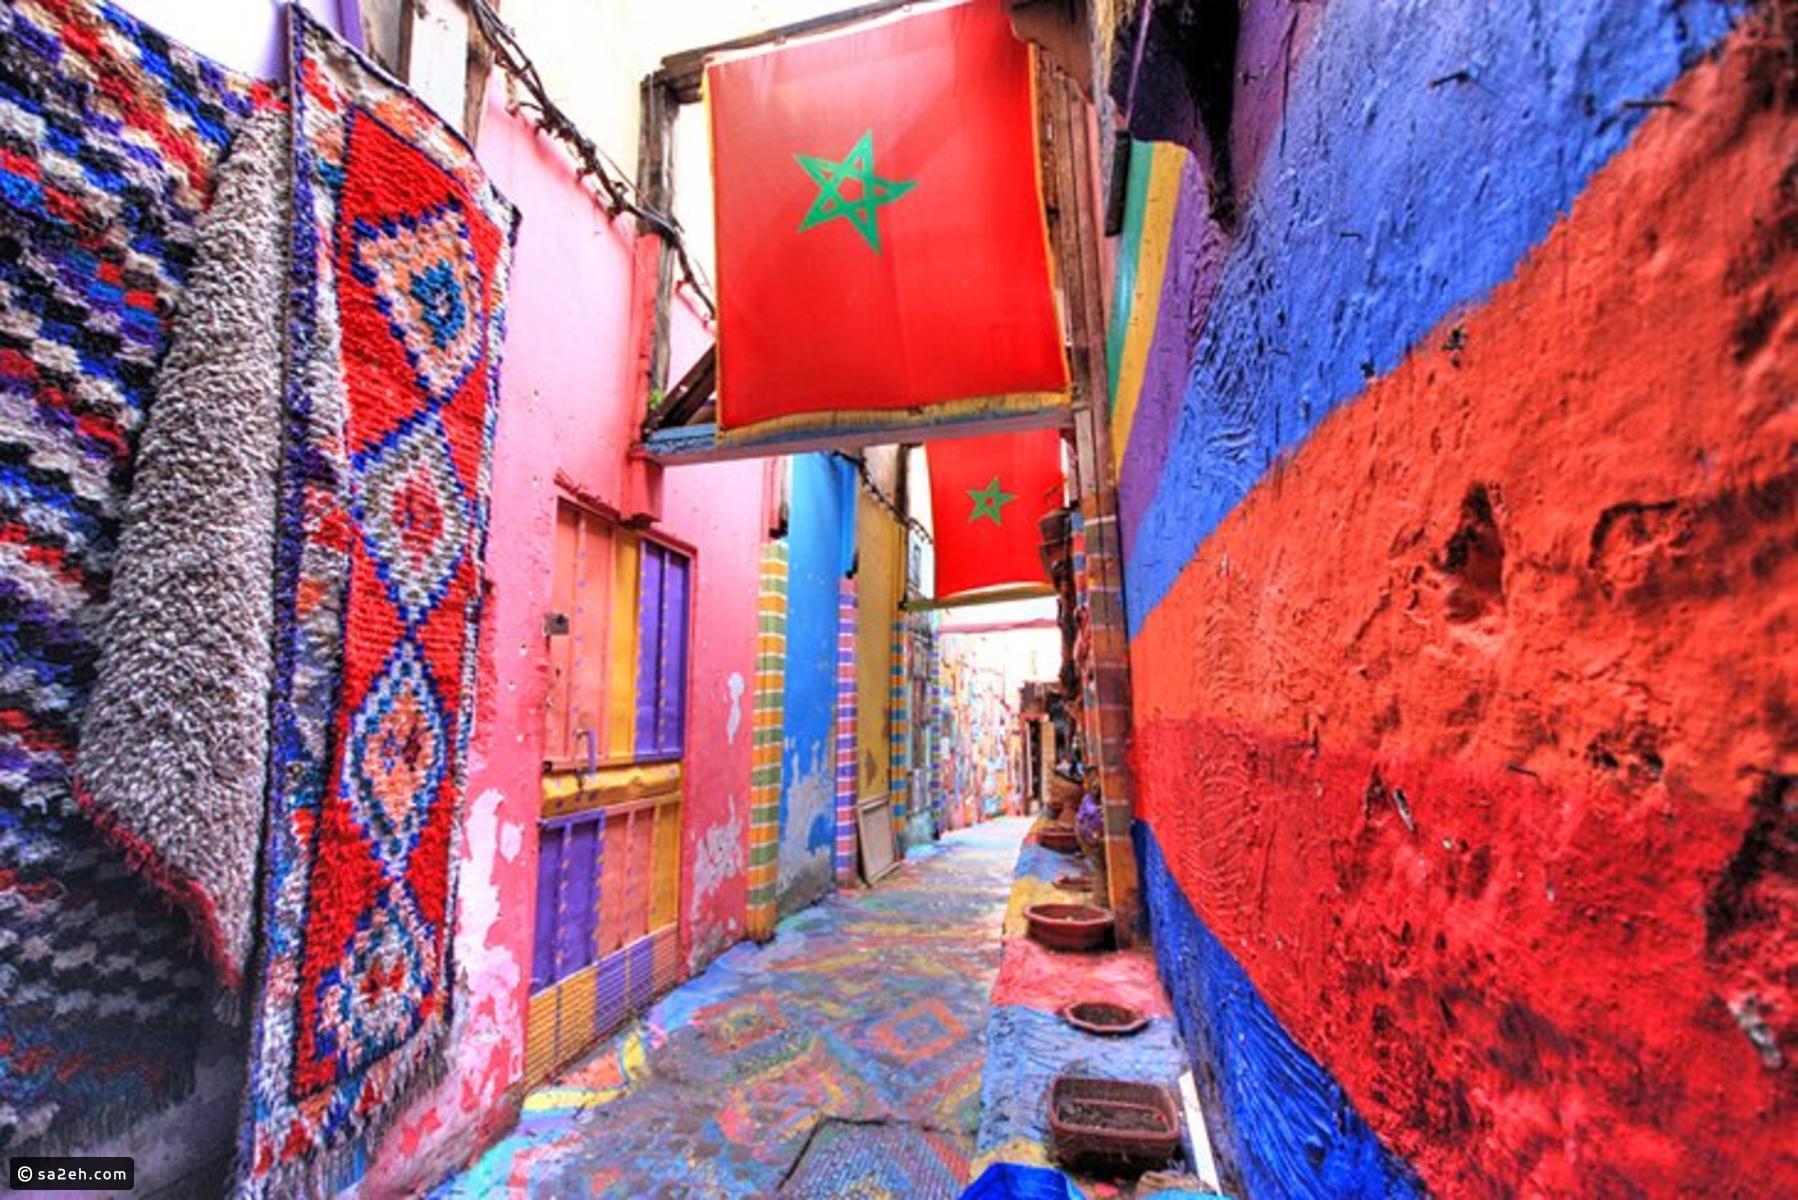 السياحة في فاس: جنة الحرف اليدوية المغربية